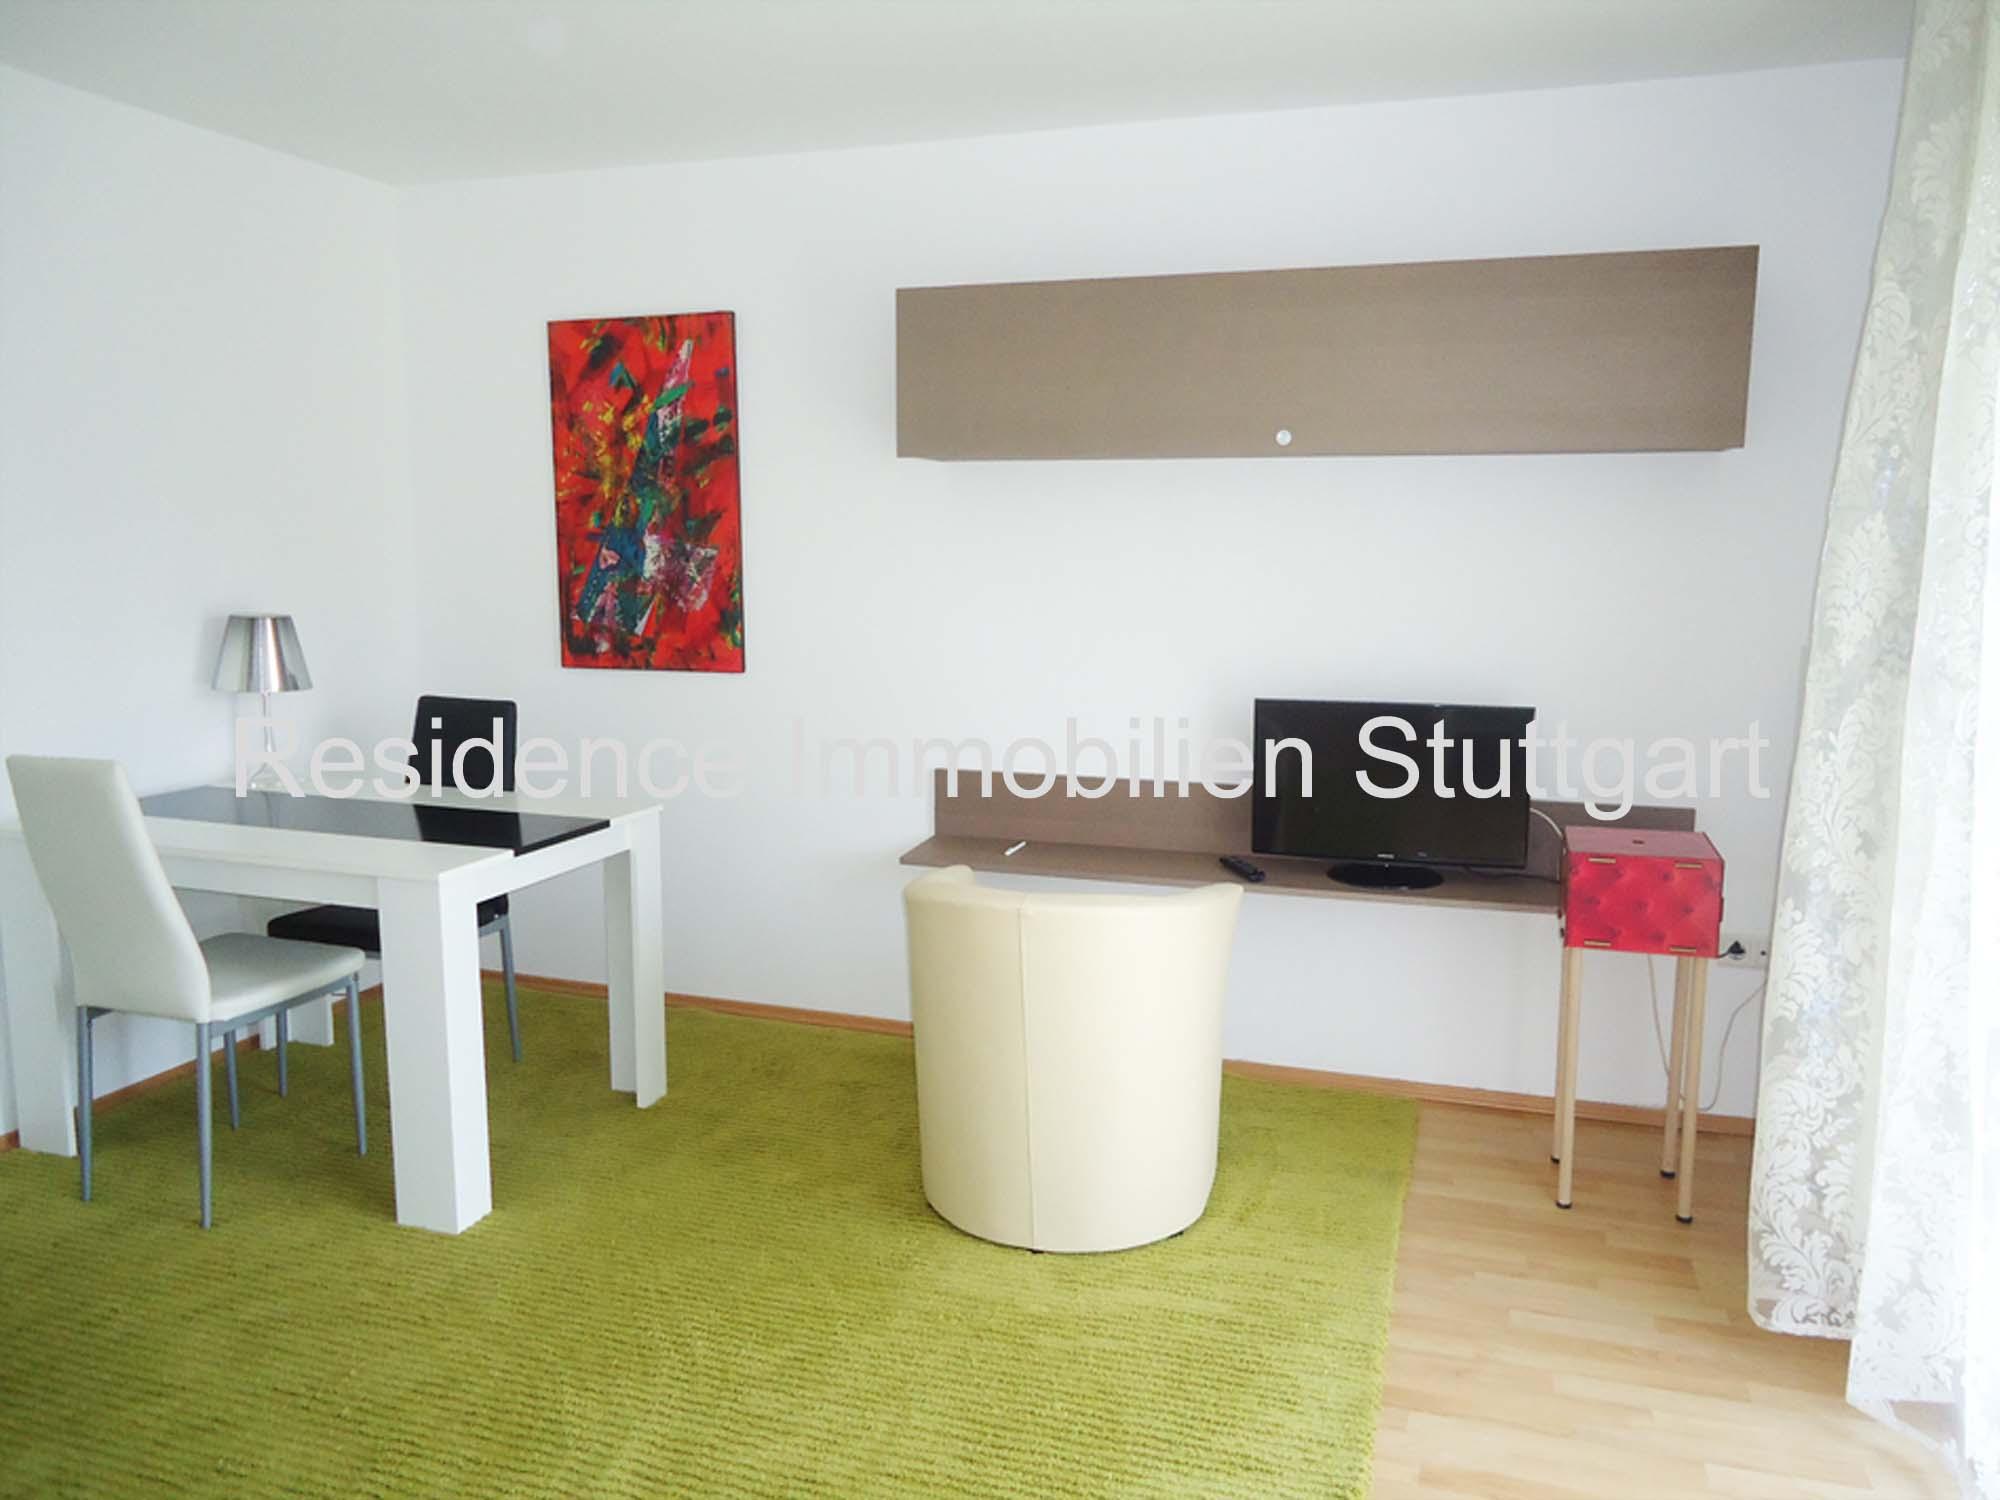 sonnige eg wohnung mit neuw ebk modernem duschbad. Black Bedroom Furniture Sets. Home Design Ideas